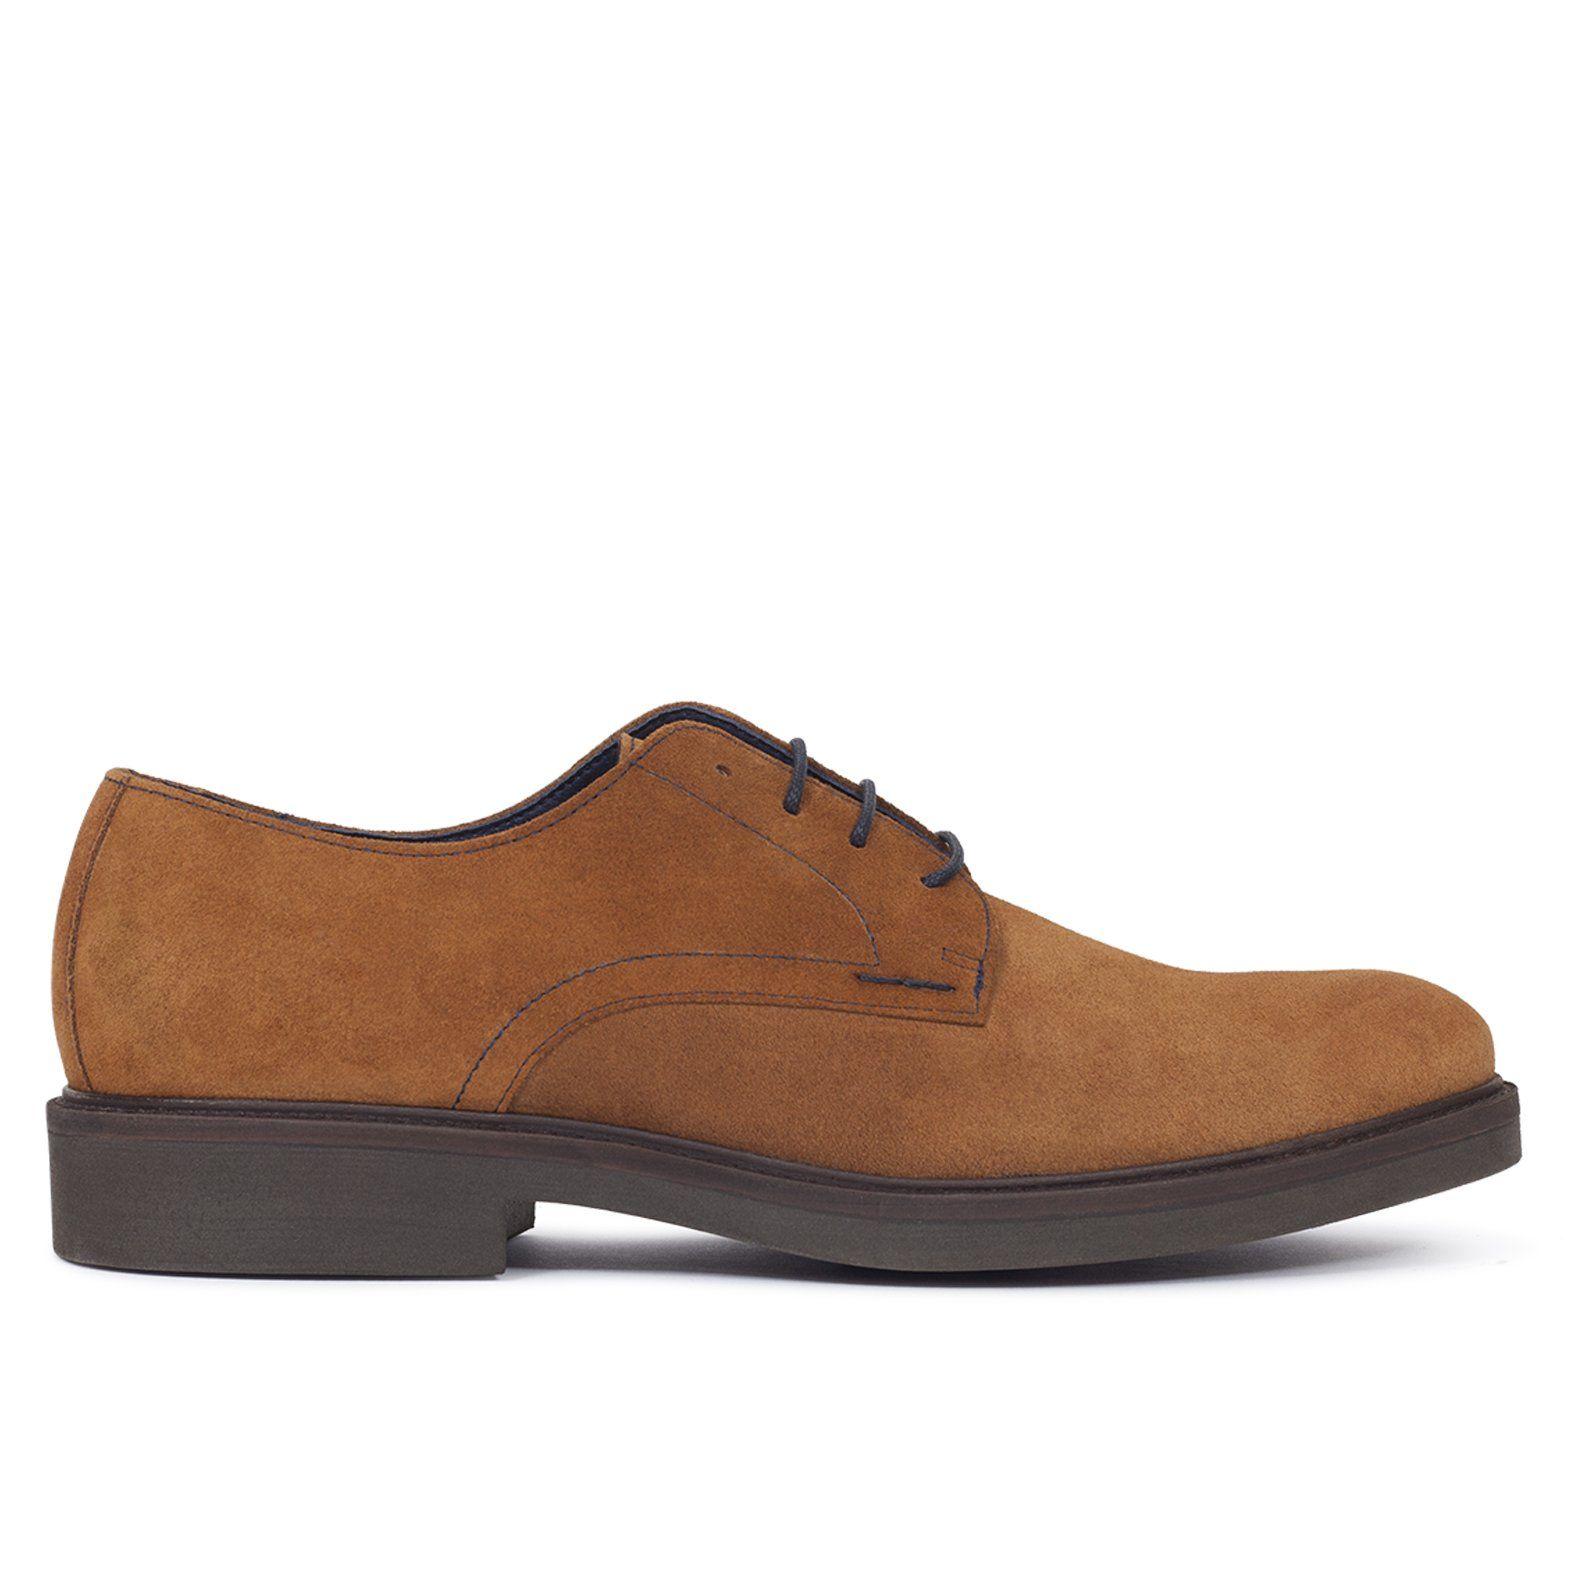 45e239a8 Zapato de hombre con ordones de piel CUERO - Zapatos online miMaO – miMaO  ShopOnline